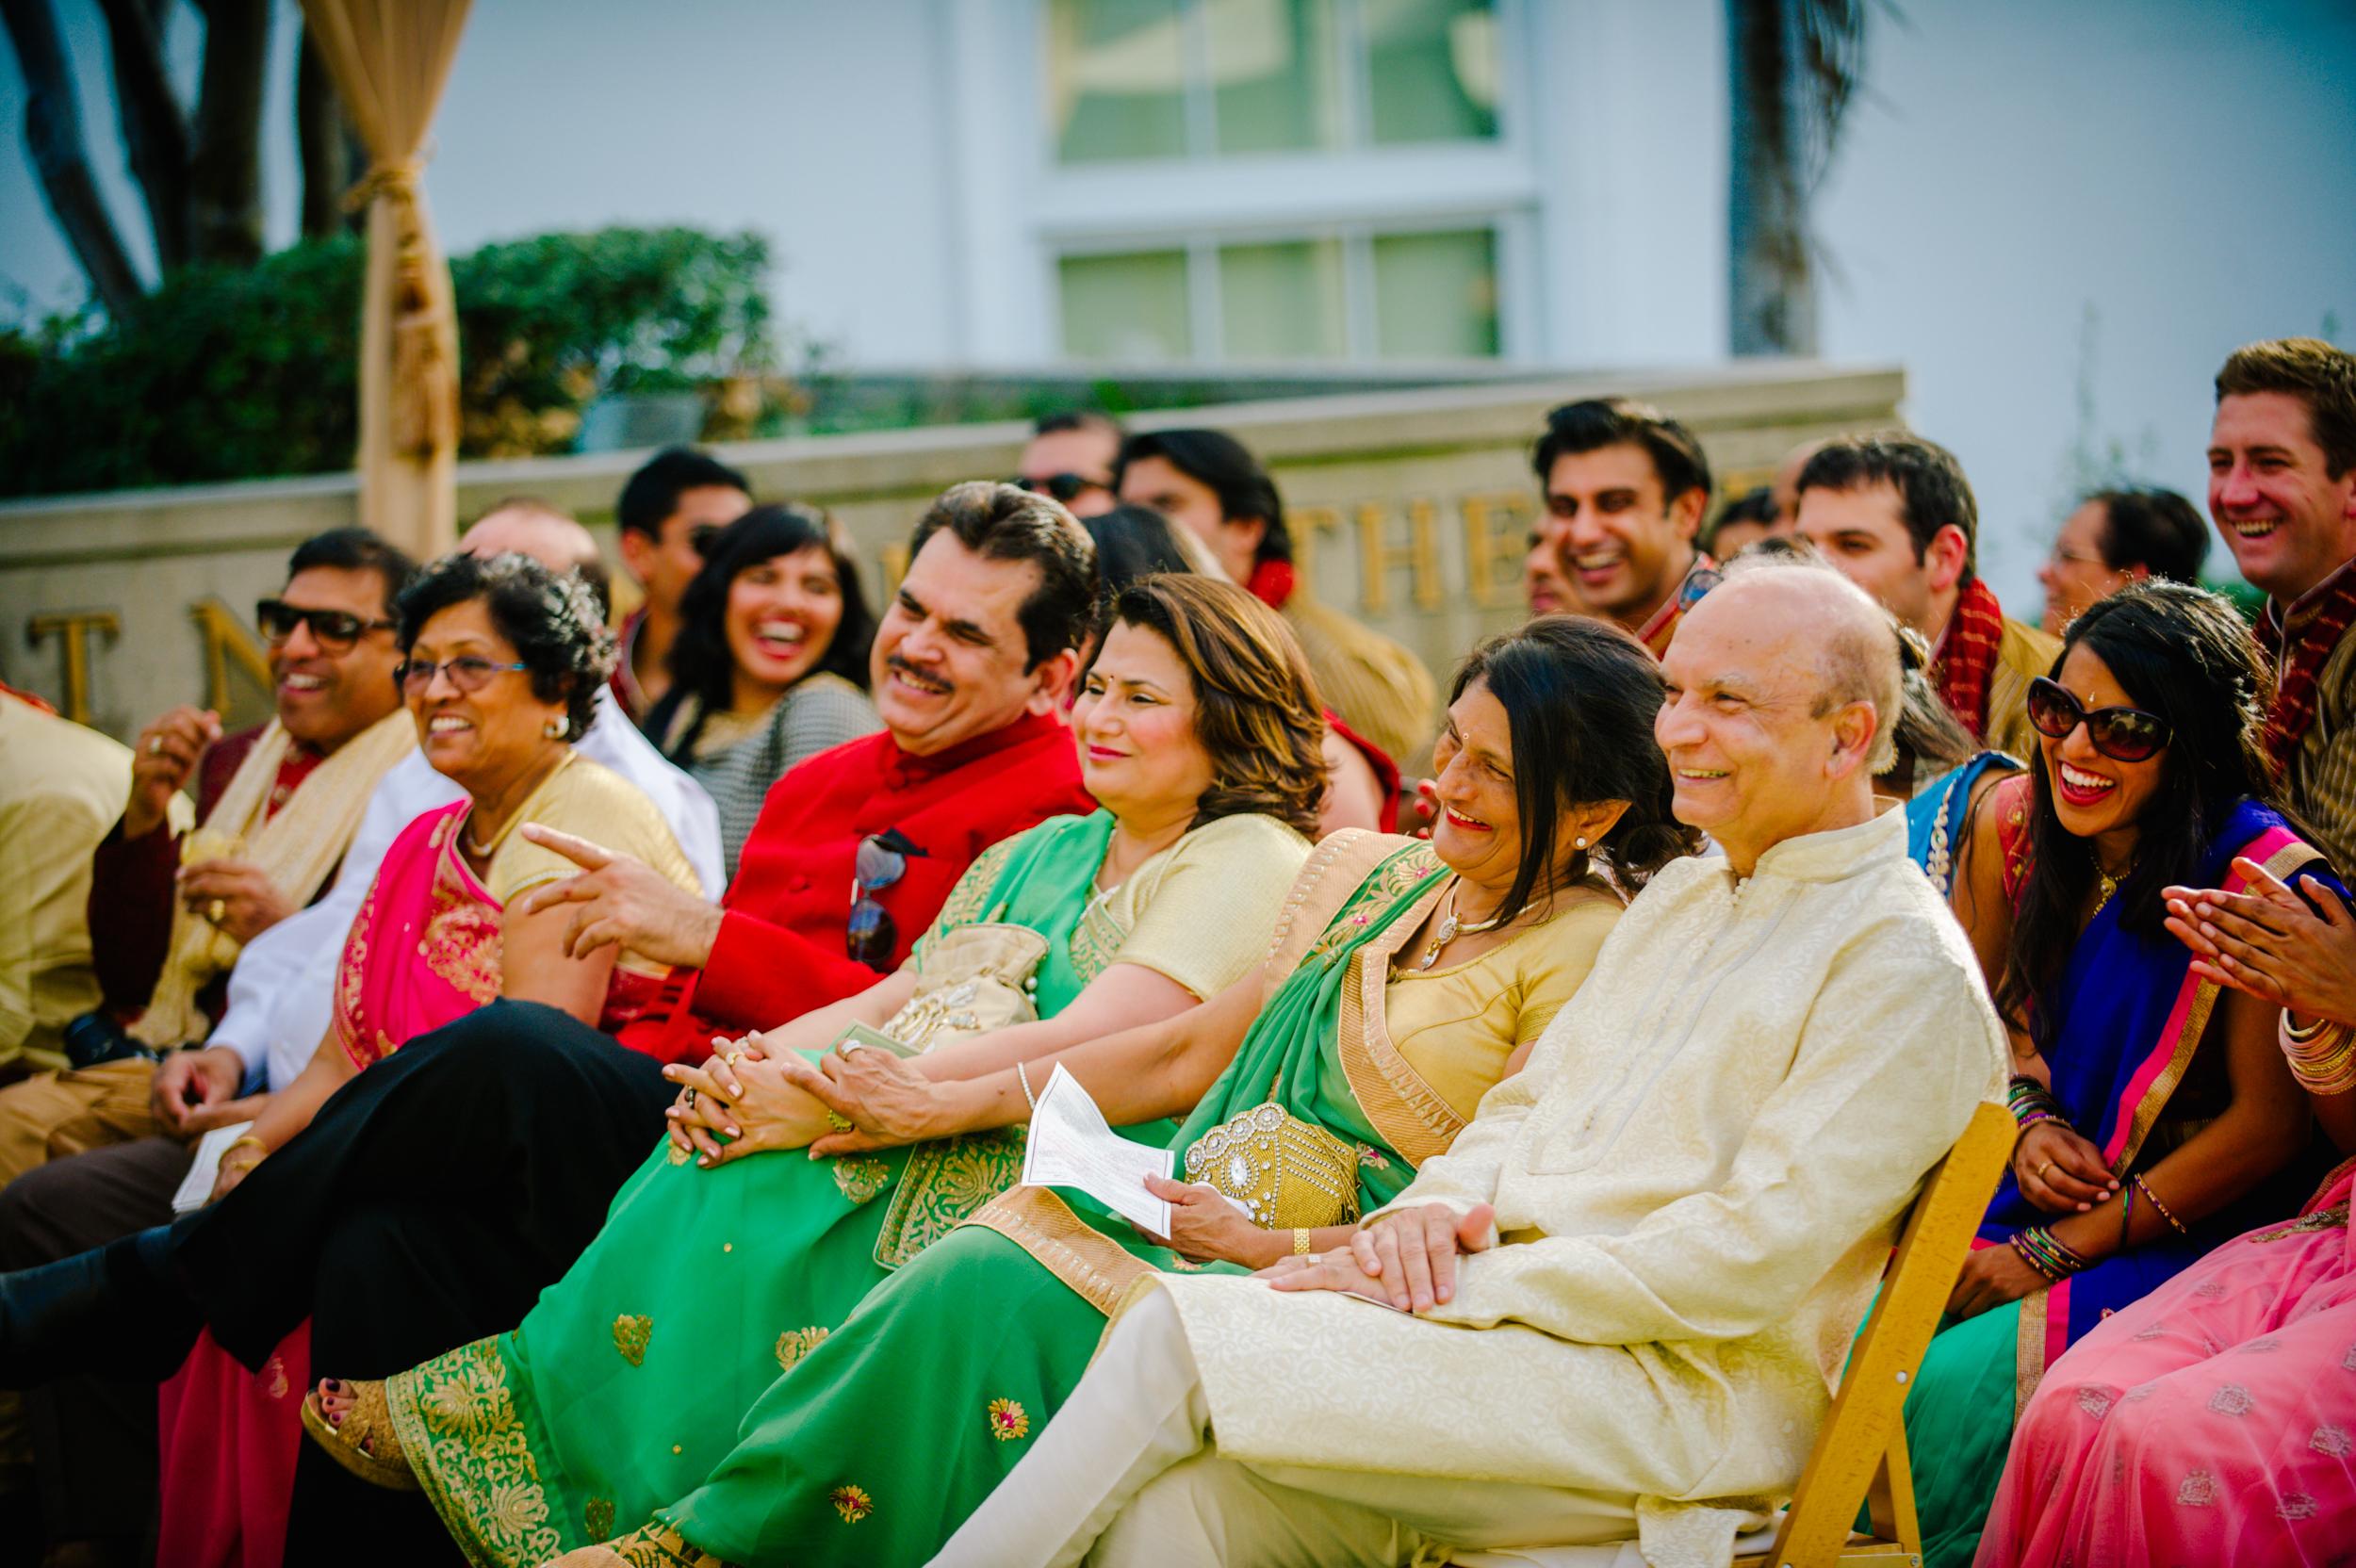 JKP_Indian_Weddings_0179.JPG